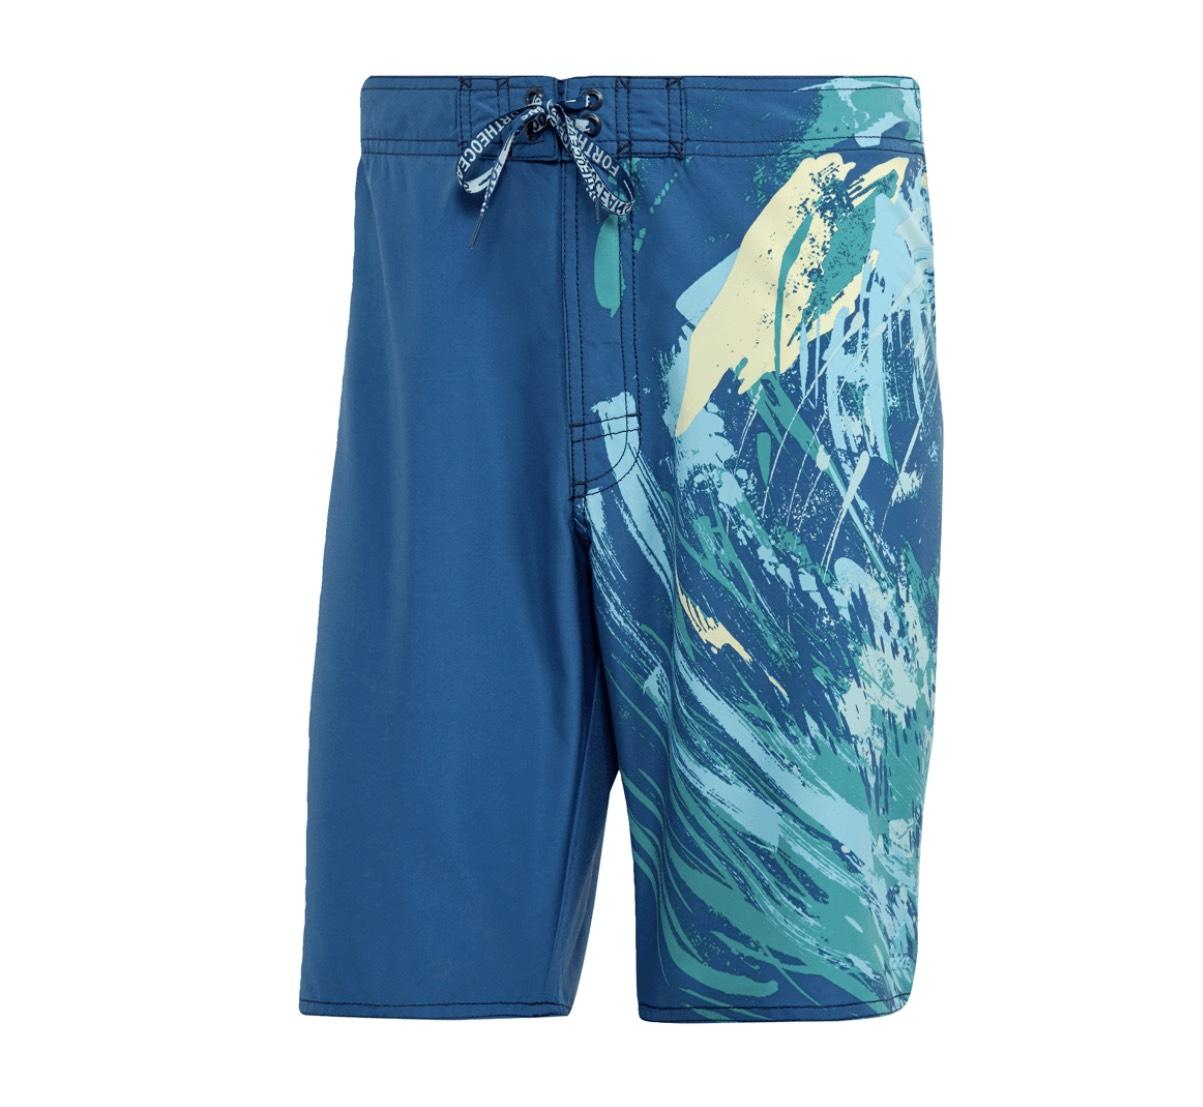 adidas Badehose Parley Classic Short petrol/blau